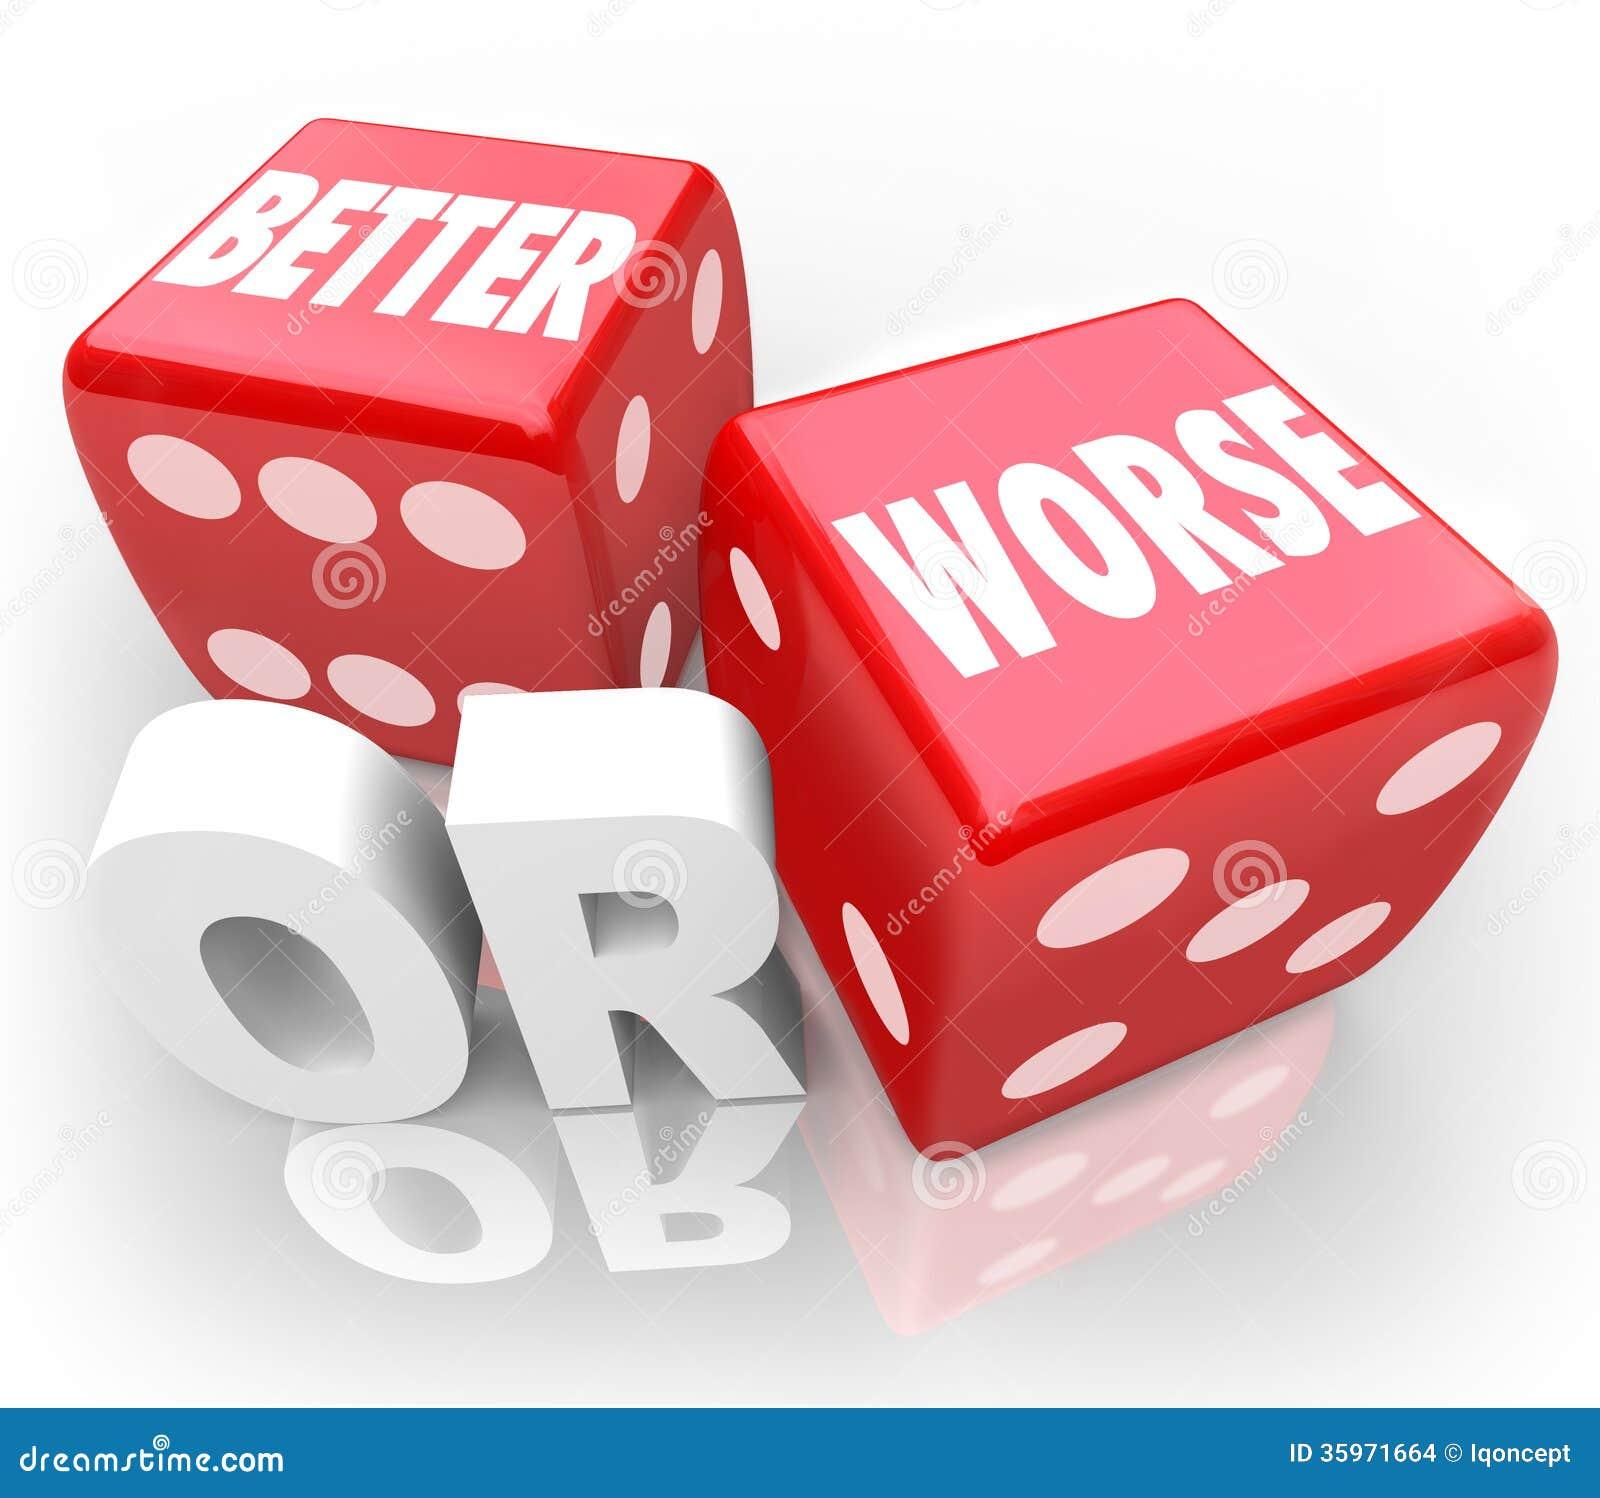 Gambling dice terms